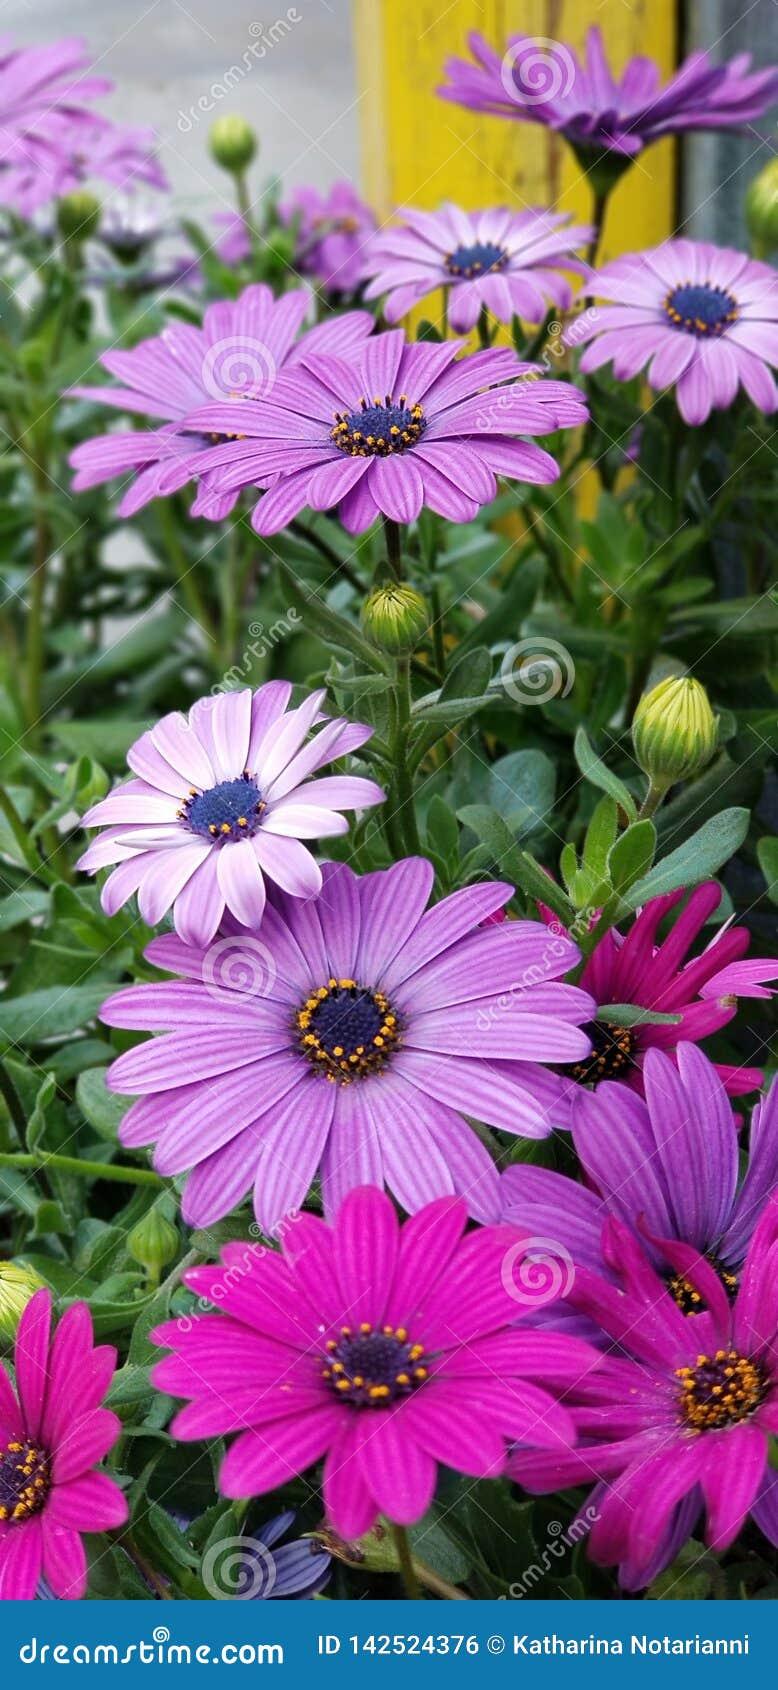 Frühlings-Gänseblümchen - Osteospermum zwei Tone African Daisies